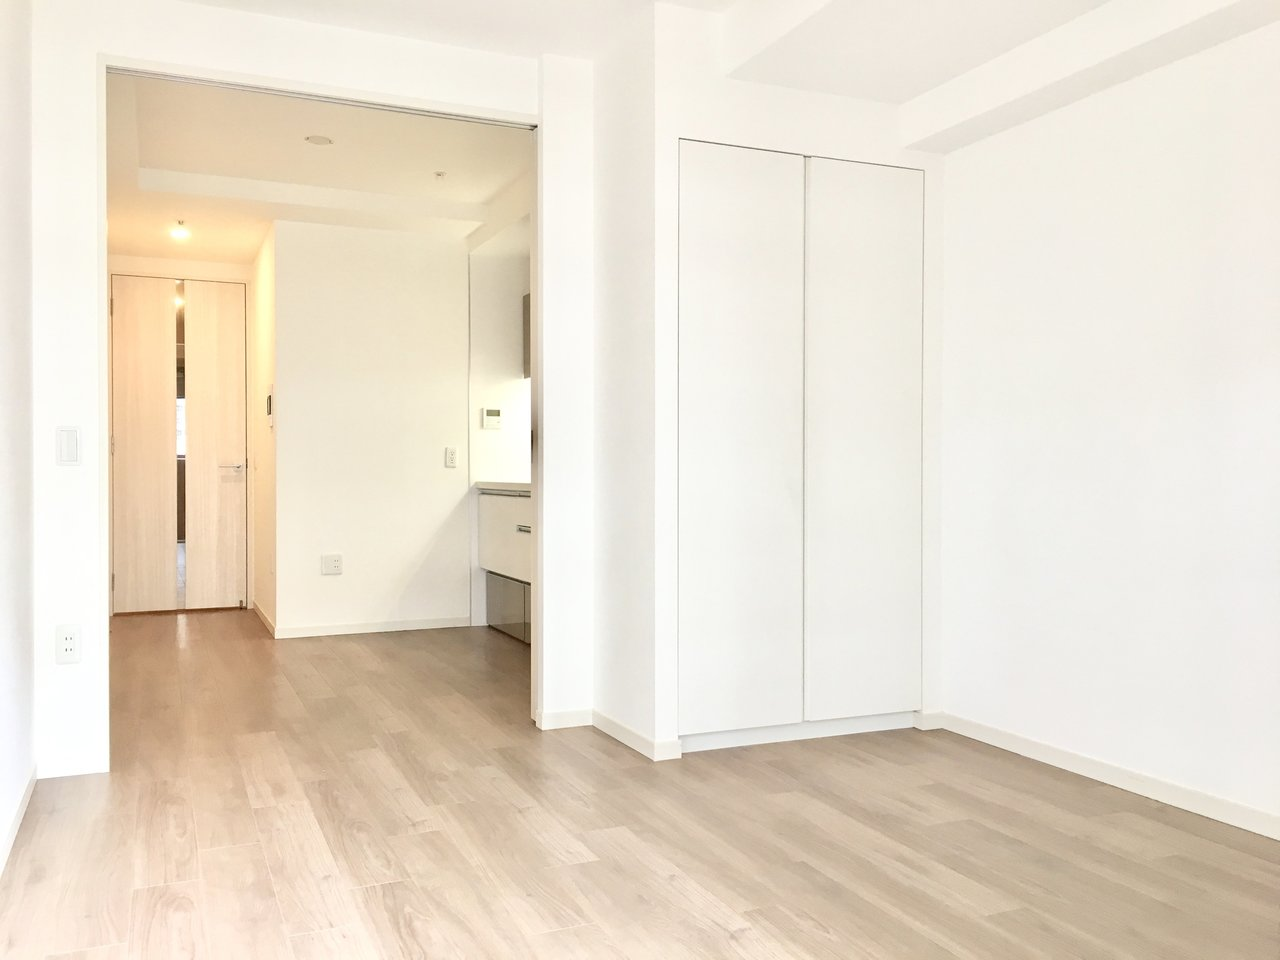 お部屋に入るとまずダイニングキッチン、その奥が洋室と縦に配置された間取りなので奥行き感のある空間に。